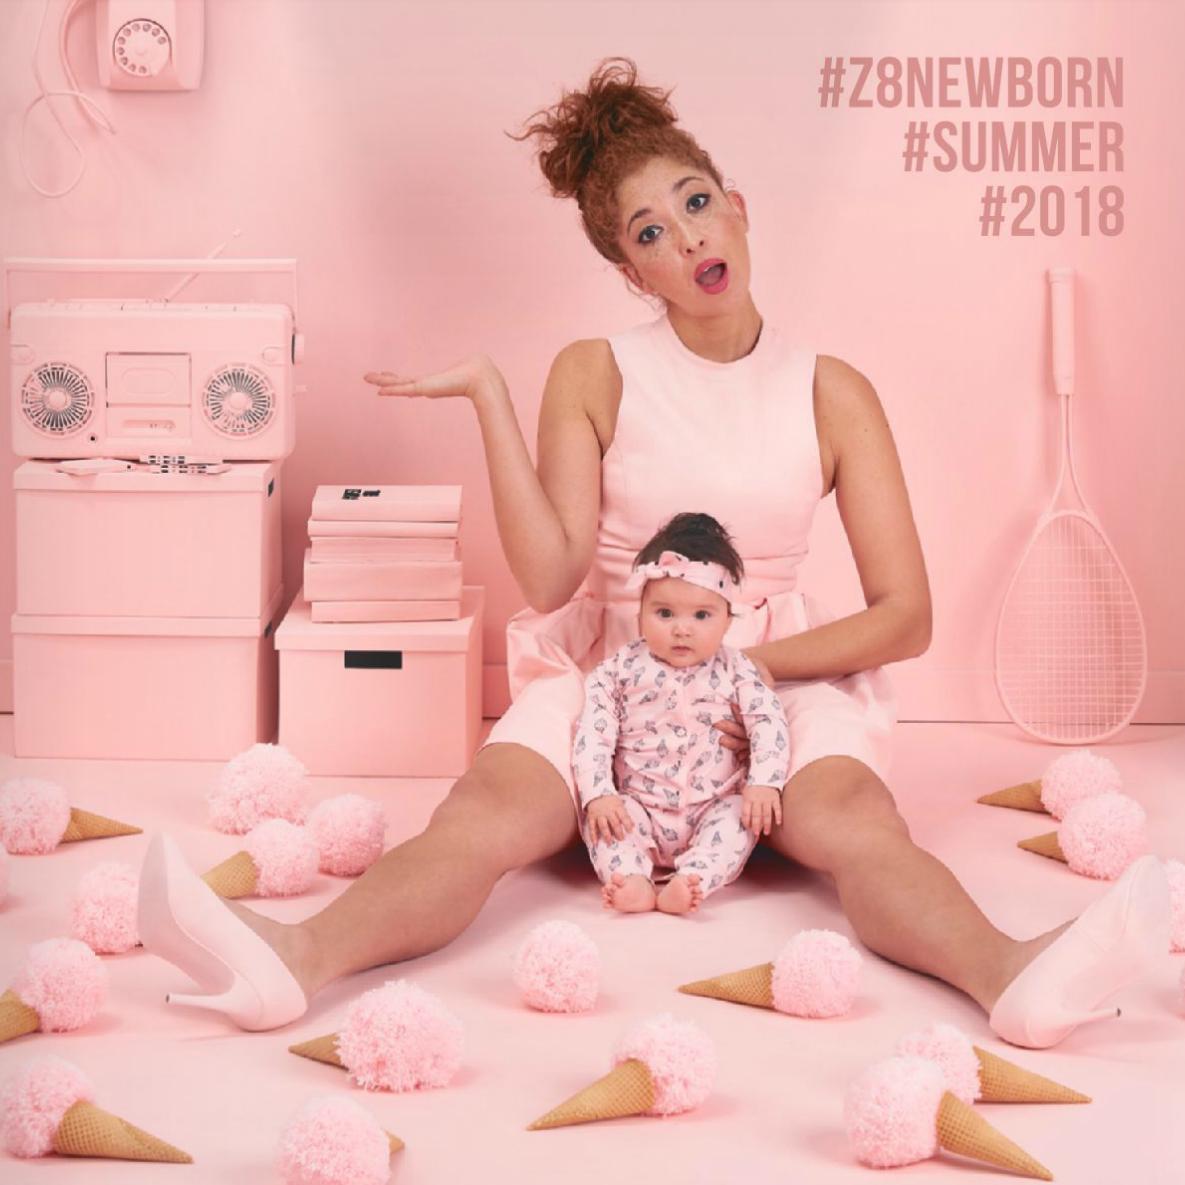 Z8 newborn collectie voor zomer 2018